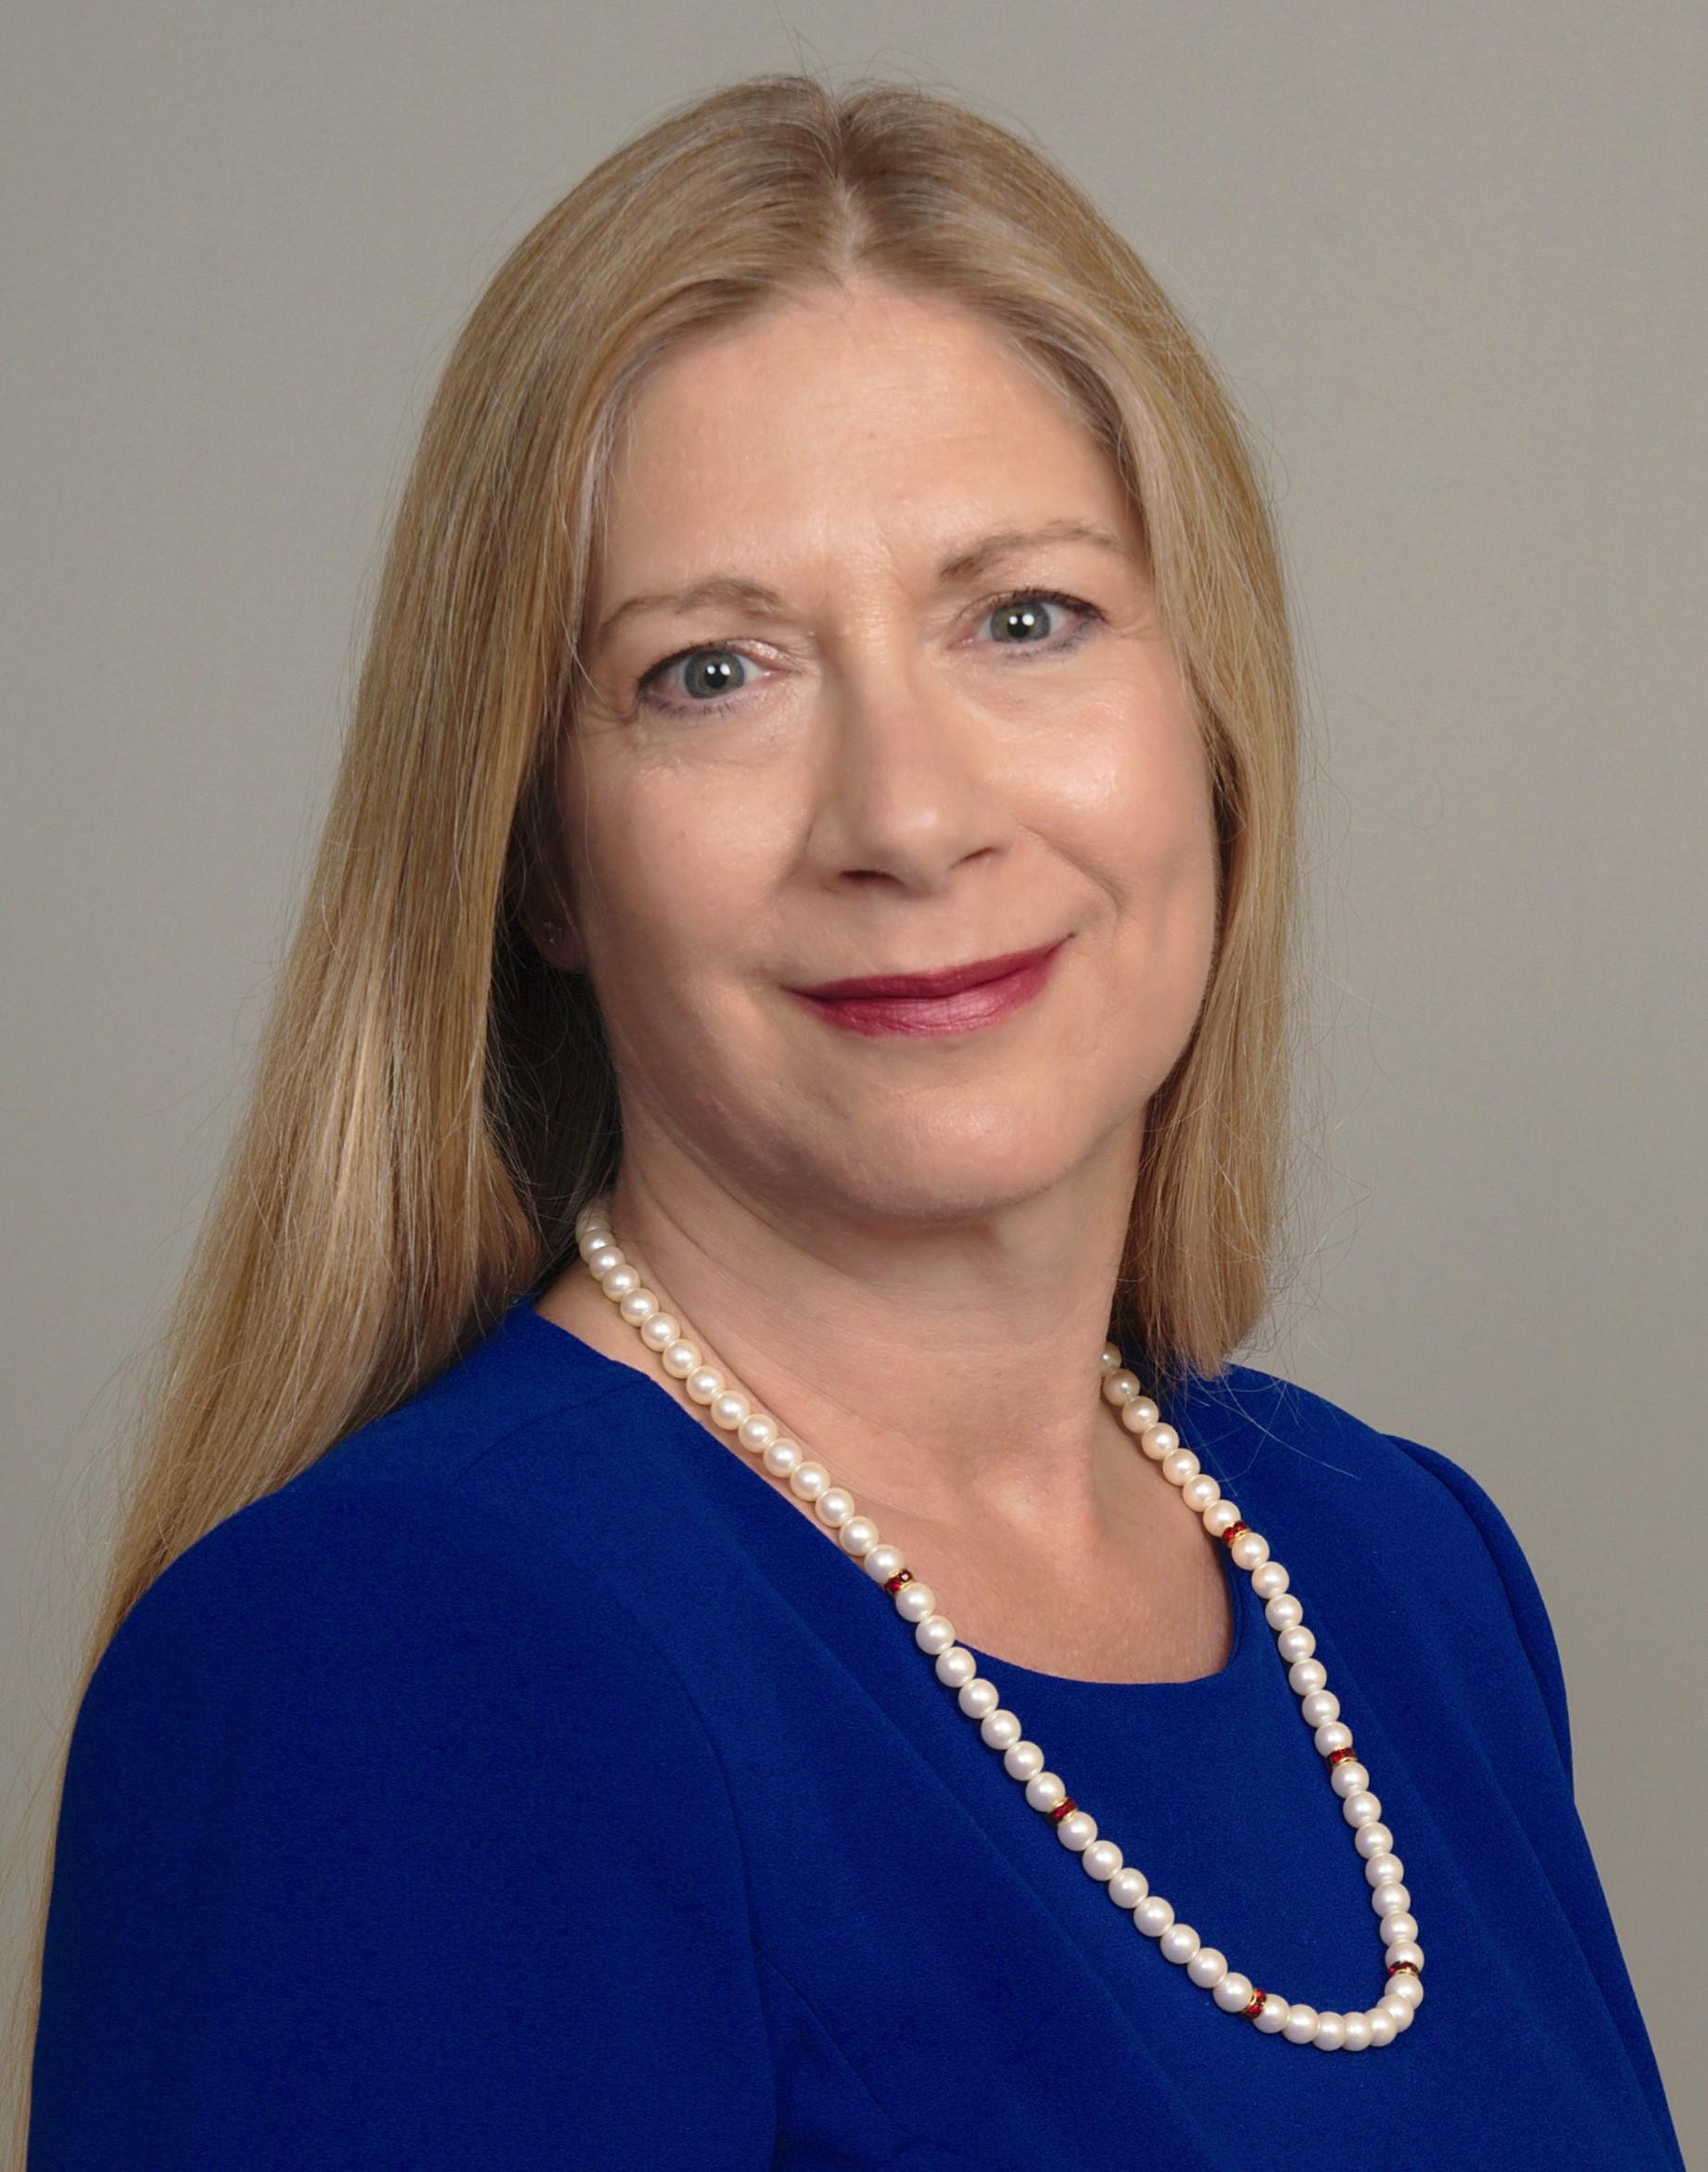 Deborah undefined Dowd Audett